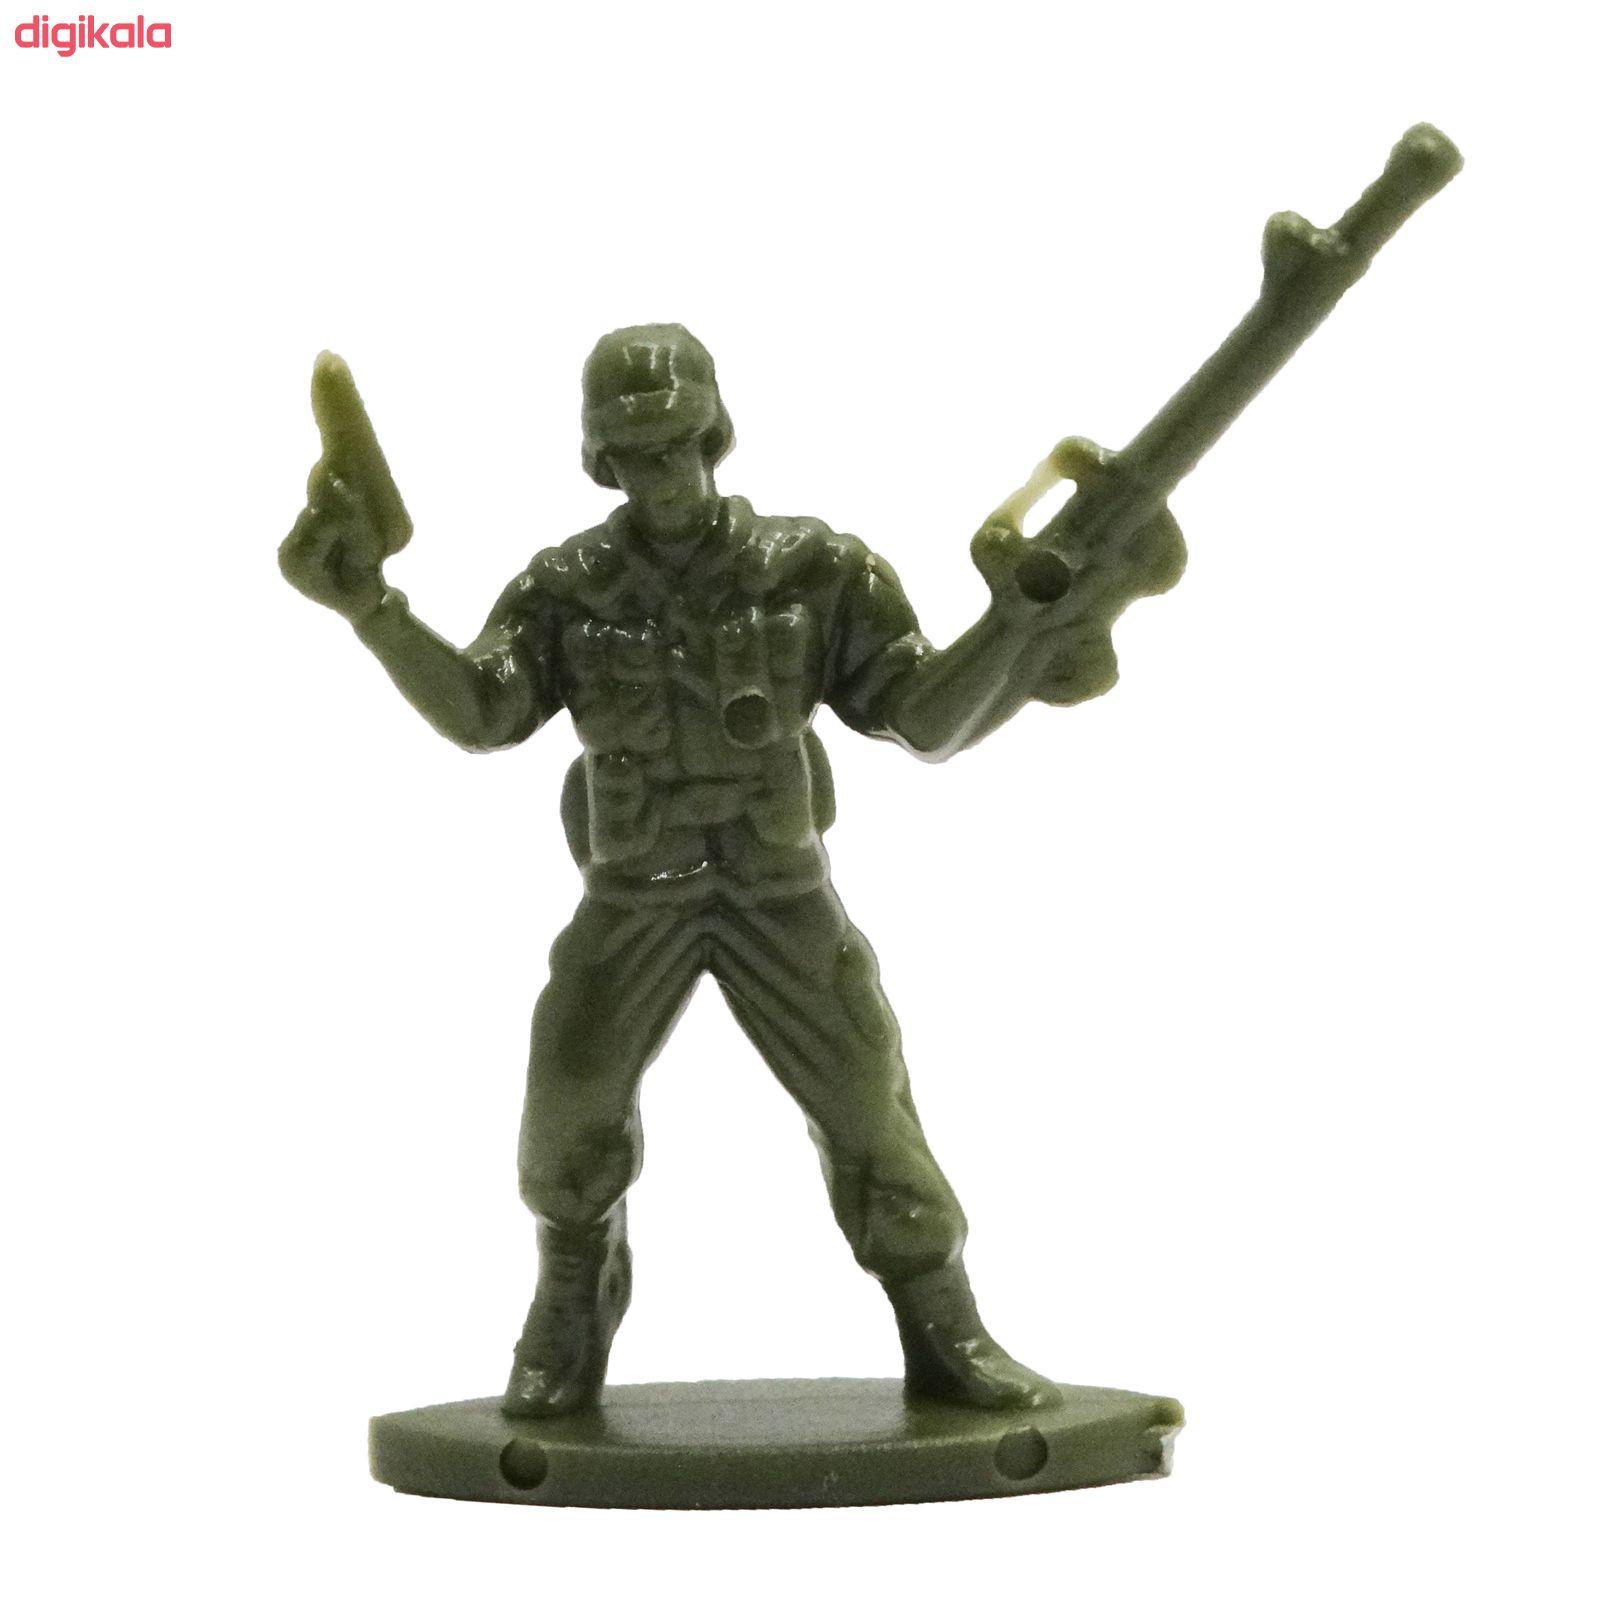 اسباب بازی جنگی مدل پادگان مجموعه 23 عددی main 1 1